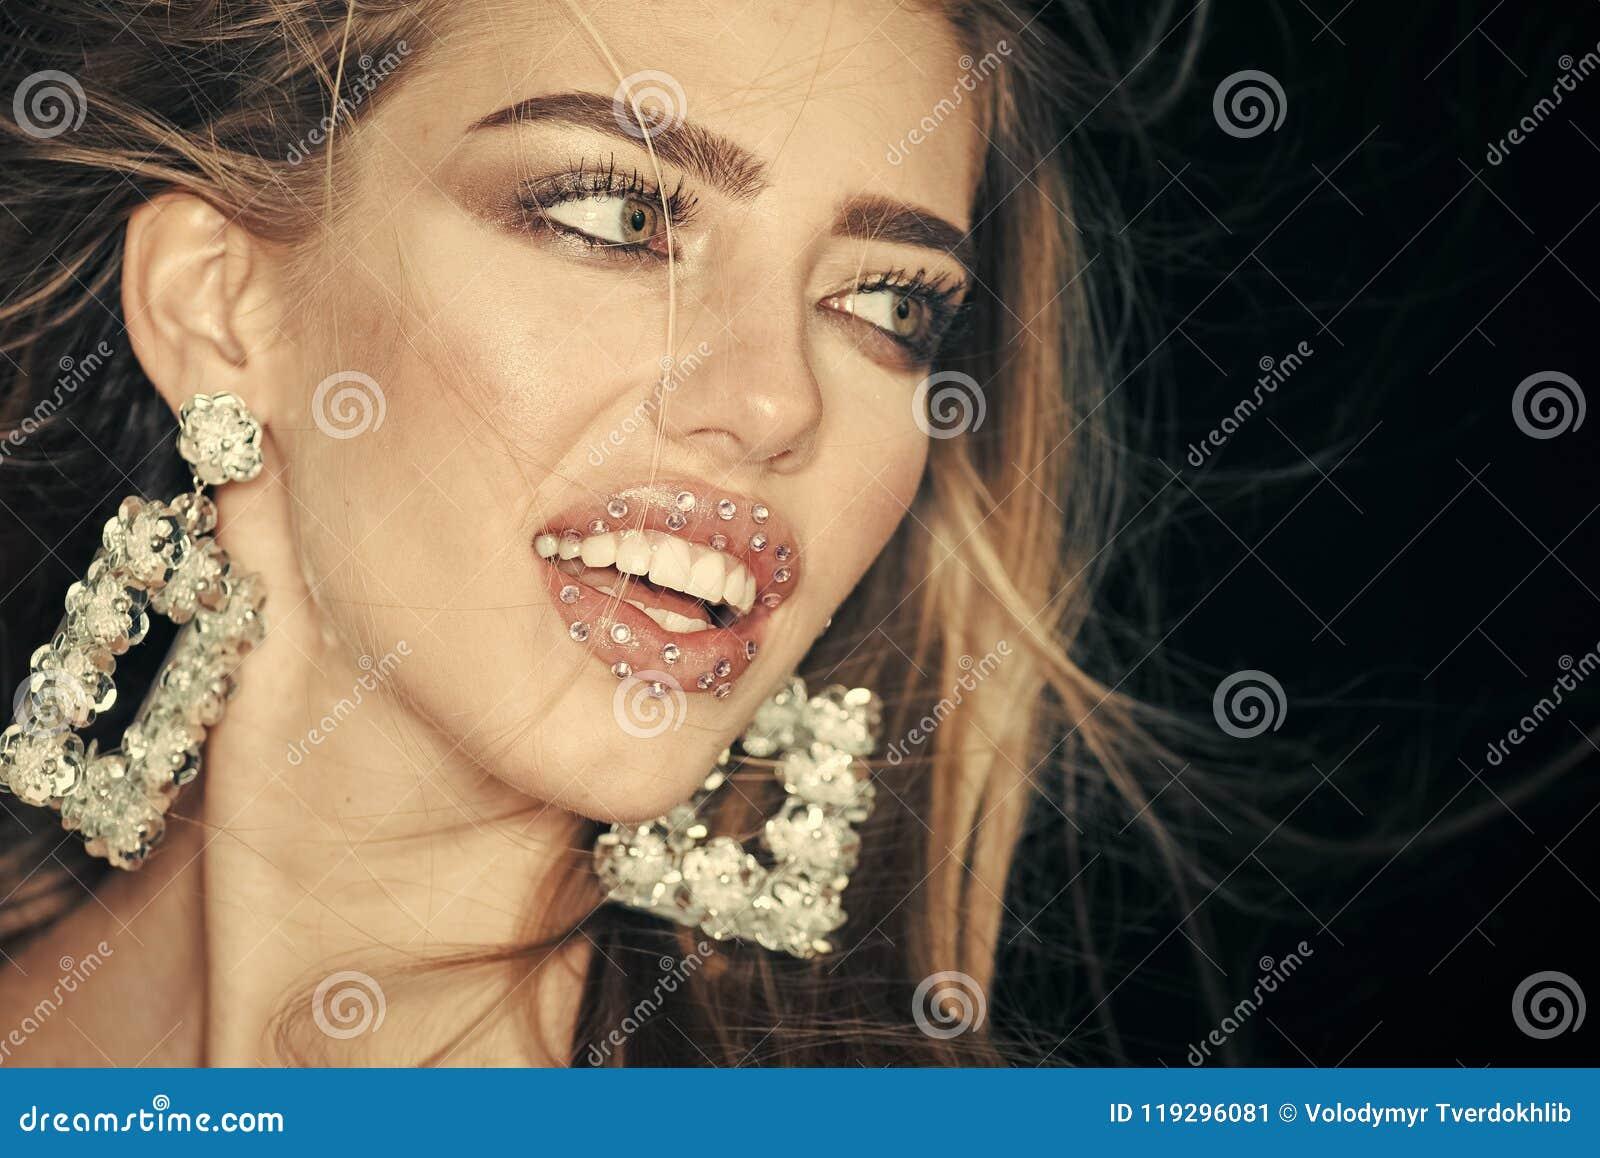 Art und Weisekonzept Frau mit dem langen Haar und den sinnlichen Lippen schaut attraktiv Schönheitsmodemädchen mit Make-up, Lippe